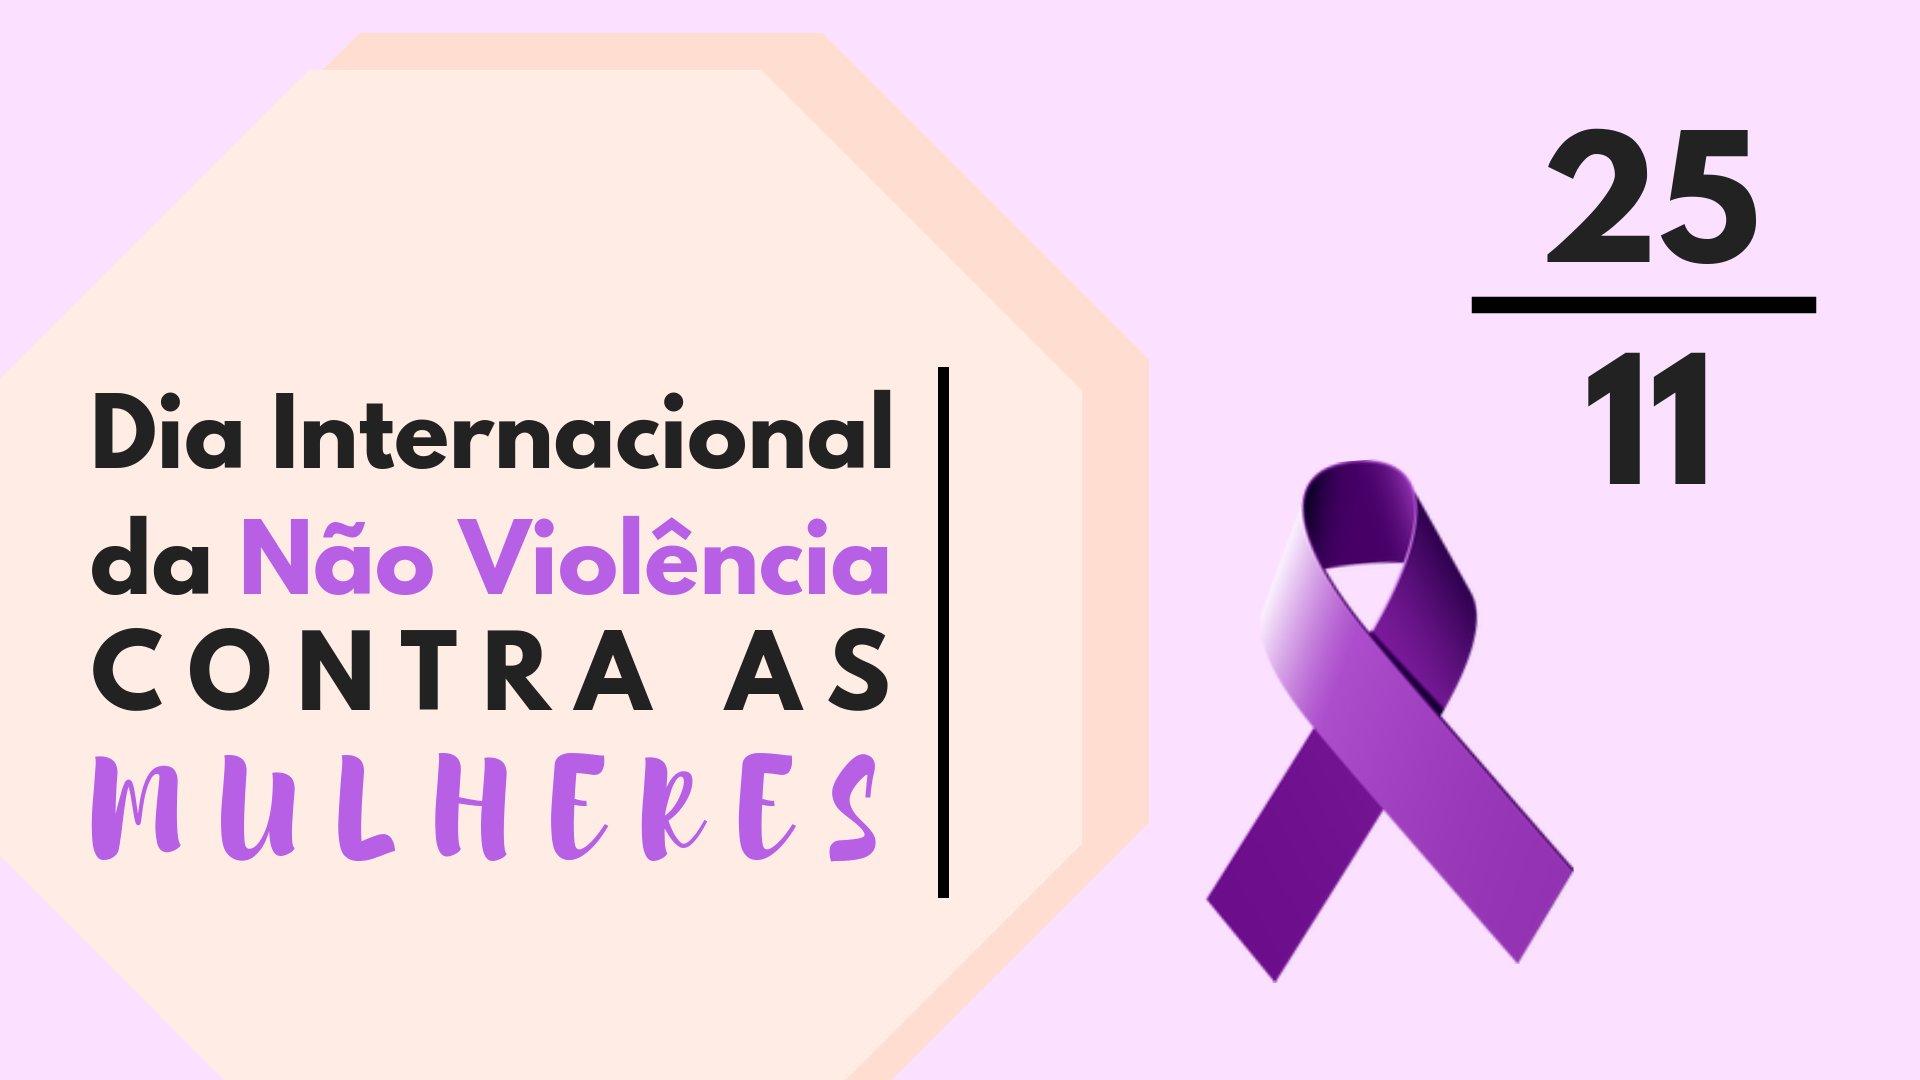 Dia Internacional Da Nao Violencia Contra As Mulheres Lute Por Elas